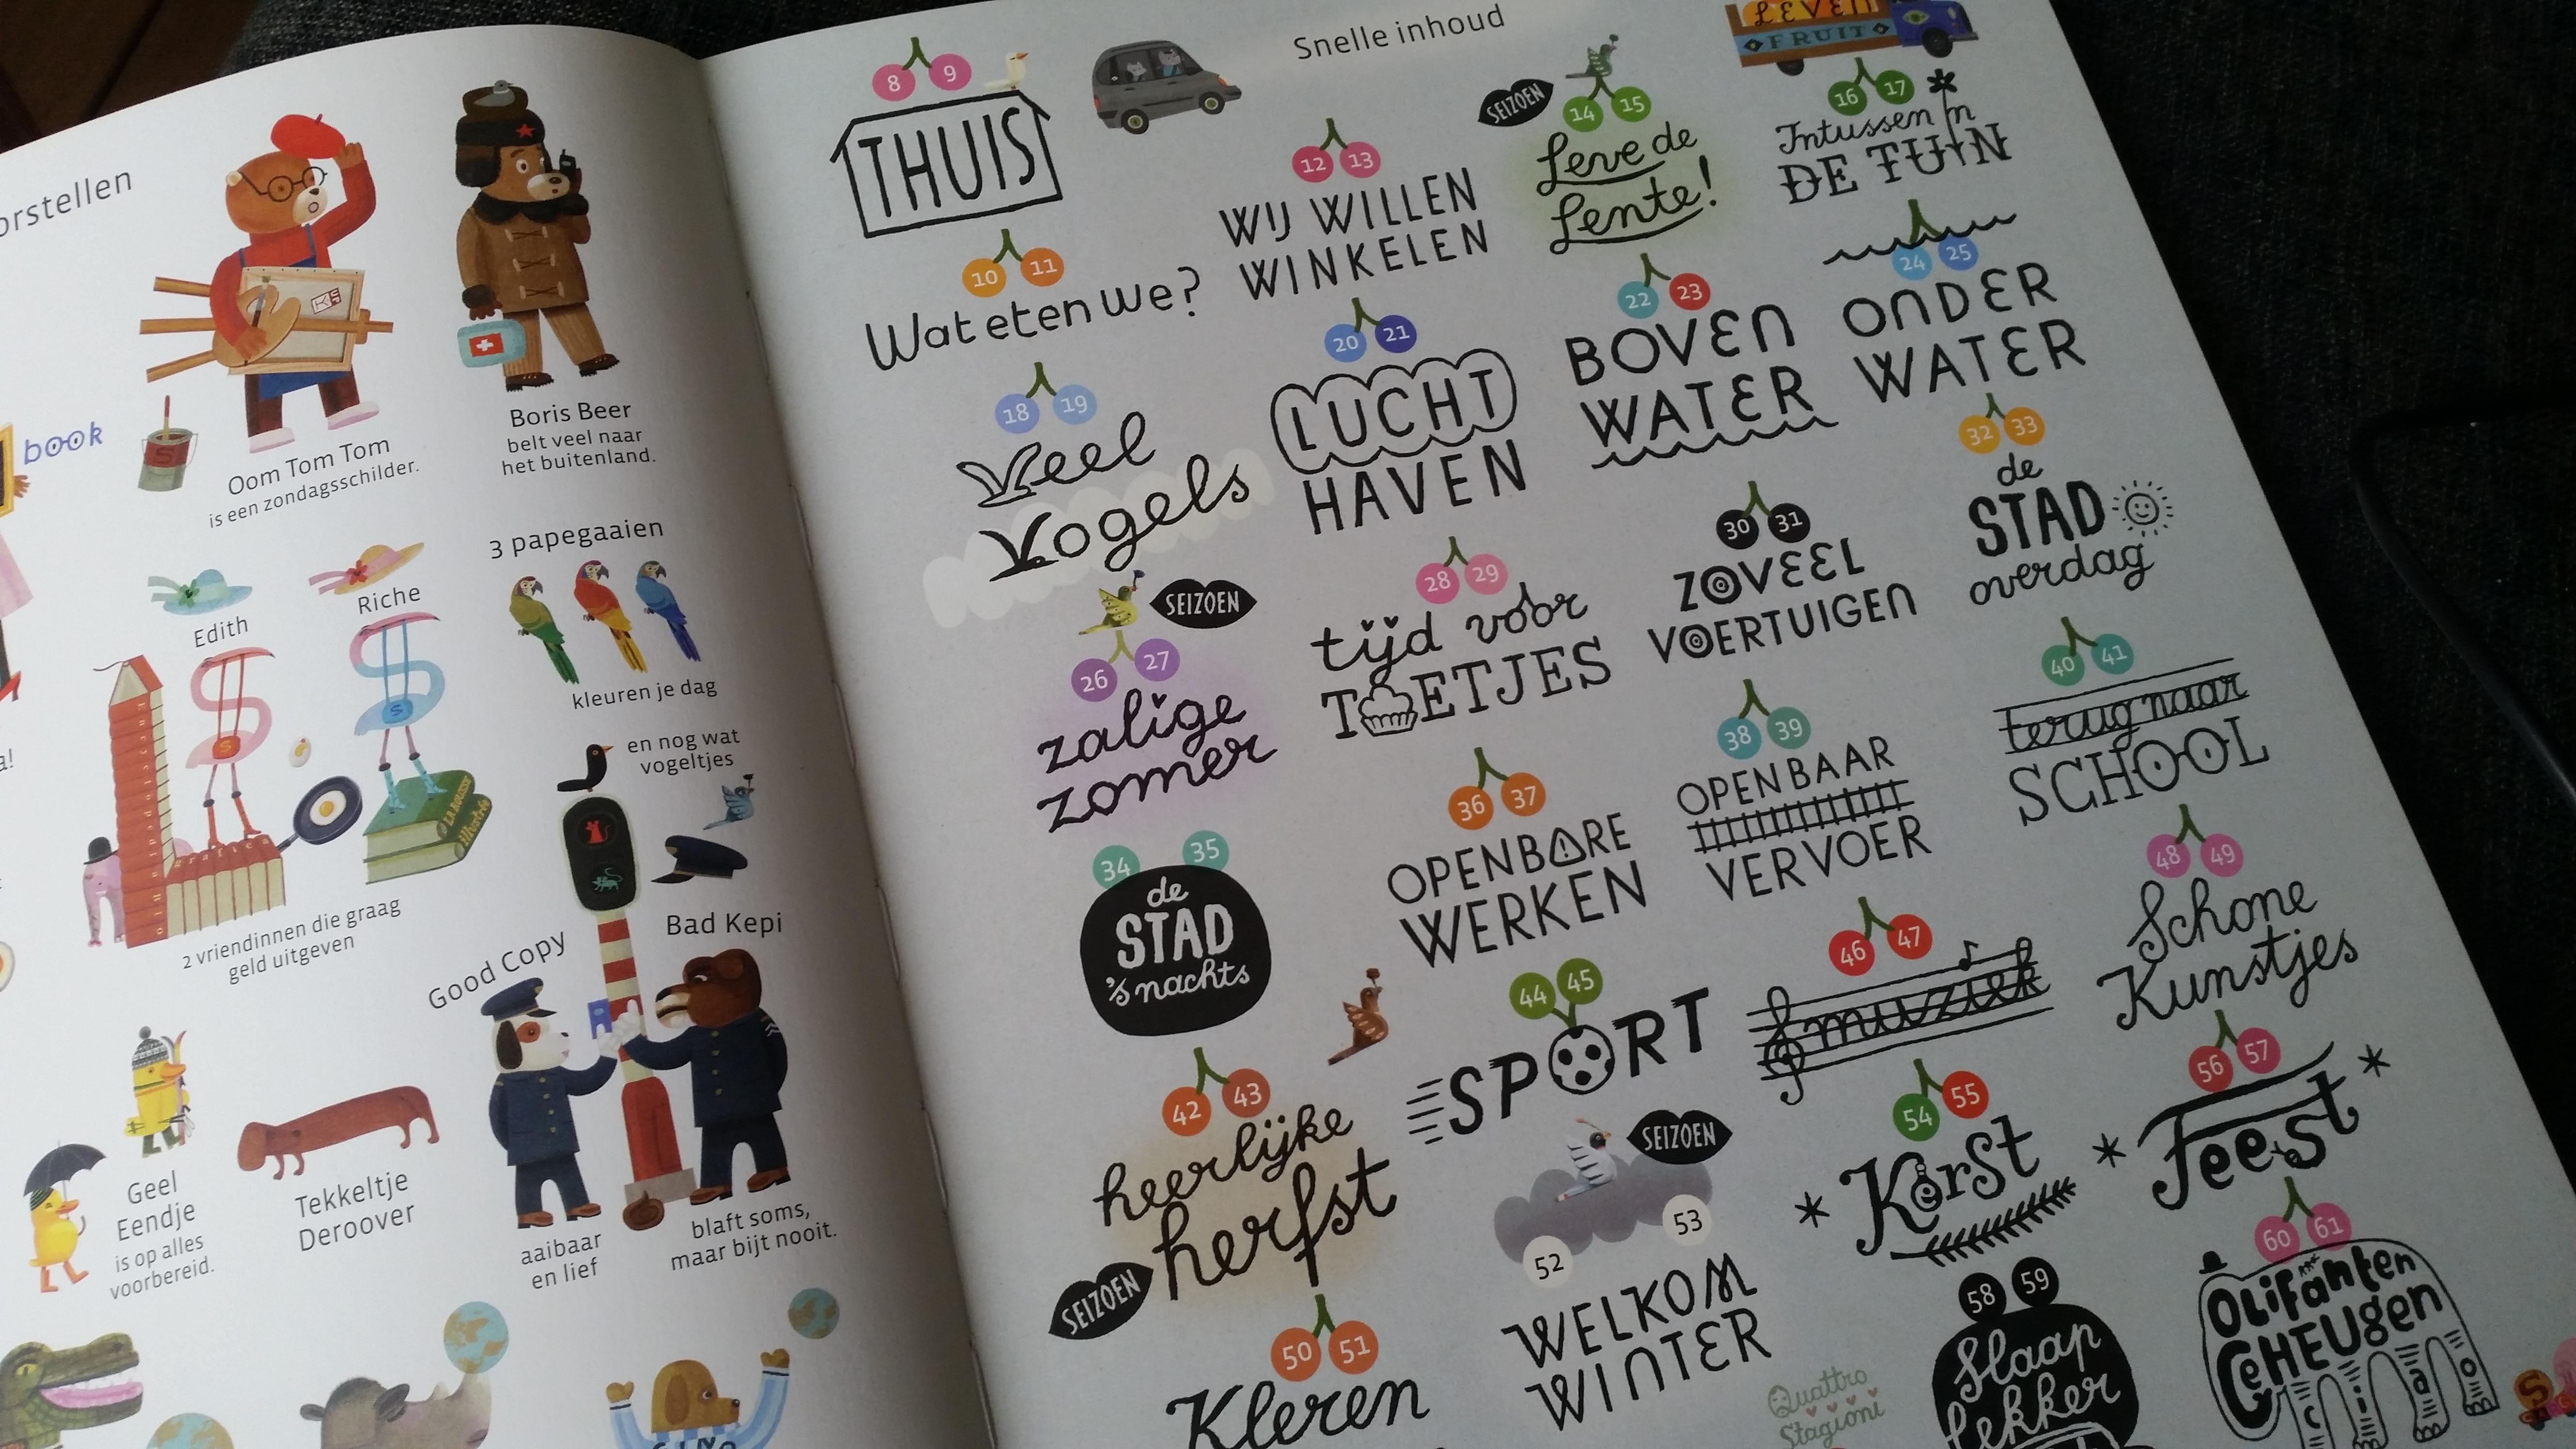 4-16-beeldwoordenboek-woordenboek-kinderen-blog-nanny-annelon-moeder-boeken-boek-mama-review-kind-opvoeding-ontwikkeling-inhoud